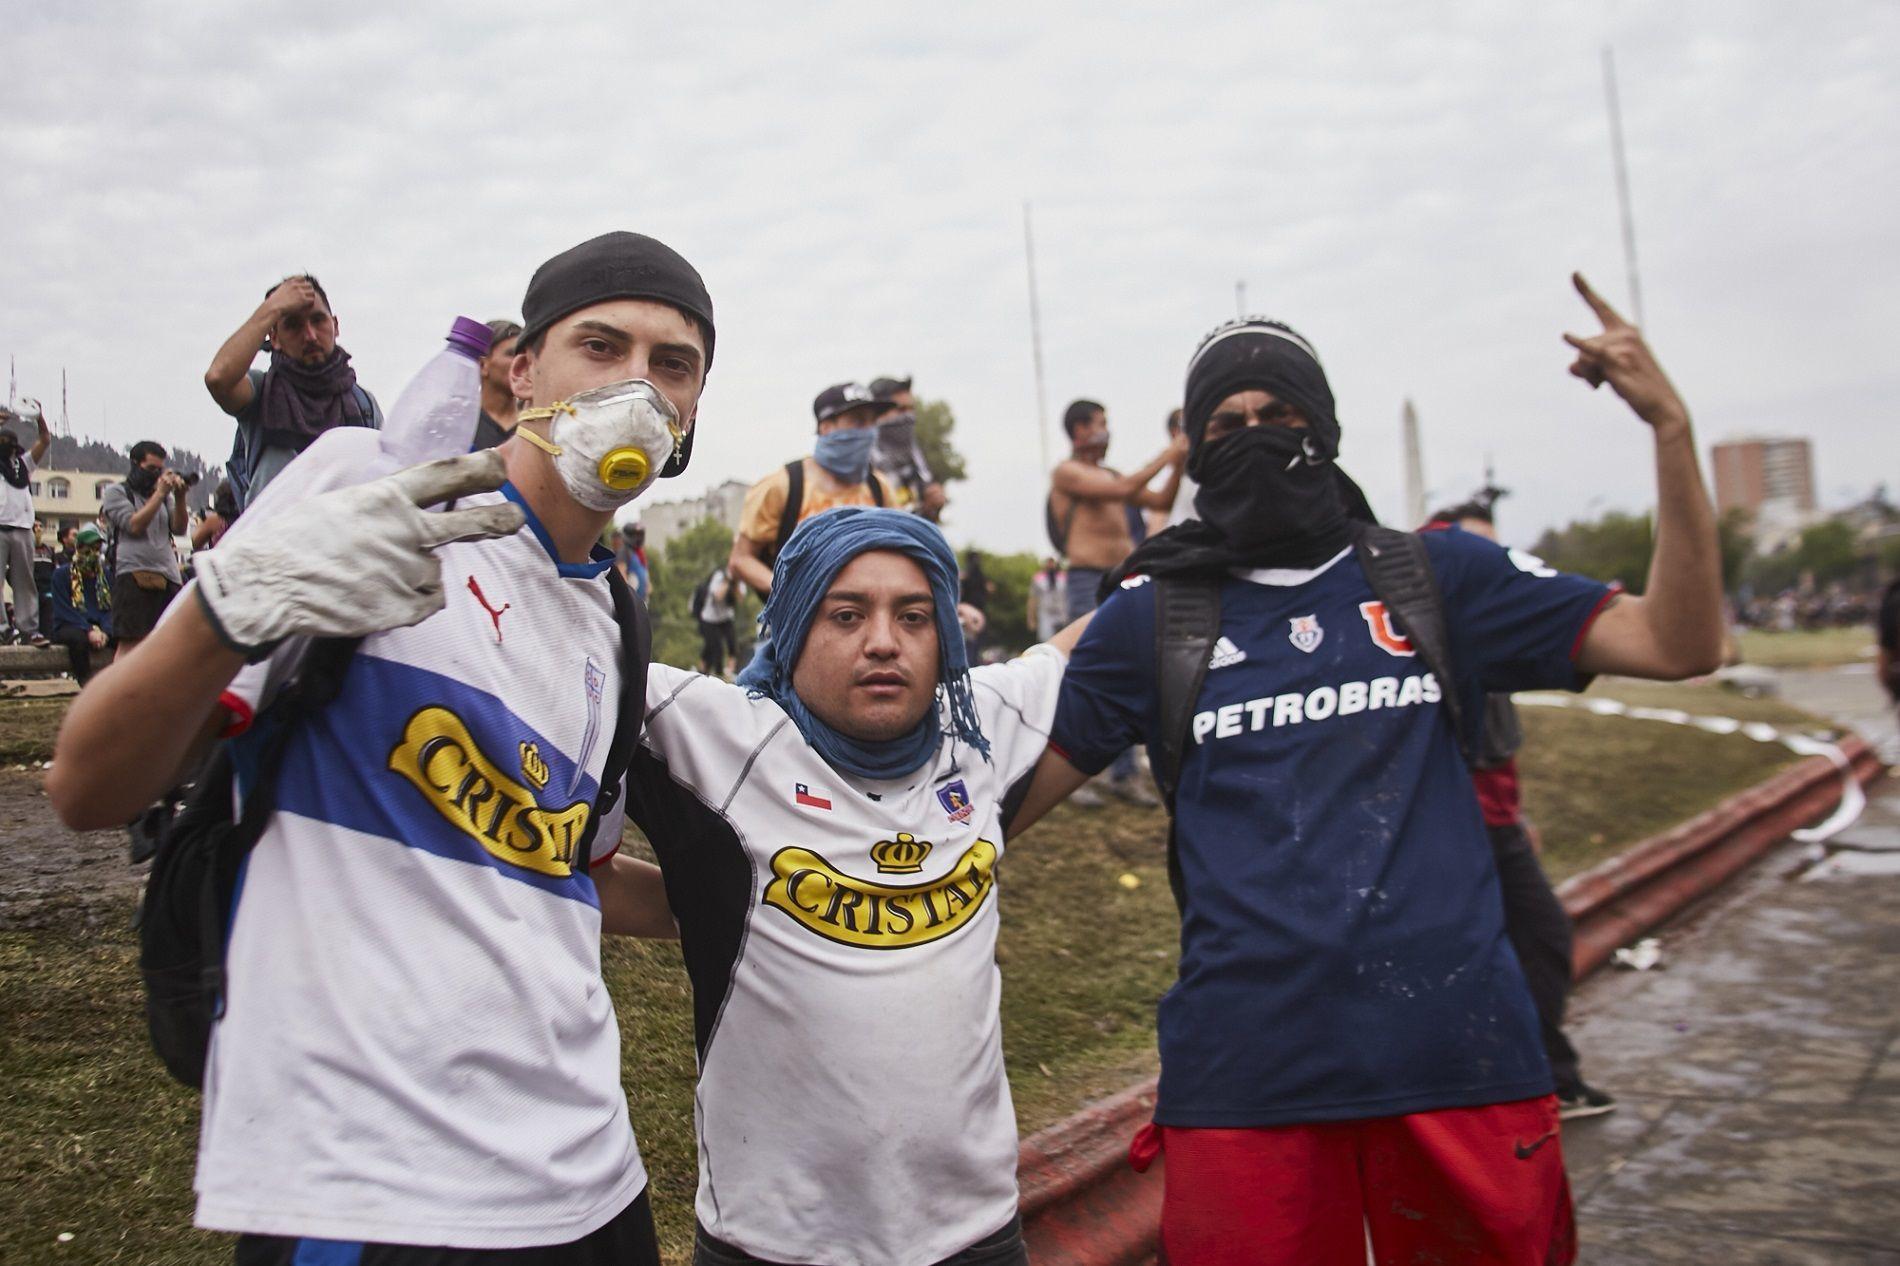 Manifestantes con camisetas Universidad Católica, Colo Colo y Universidad de Chile